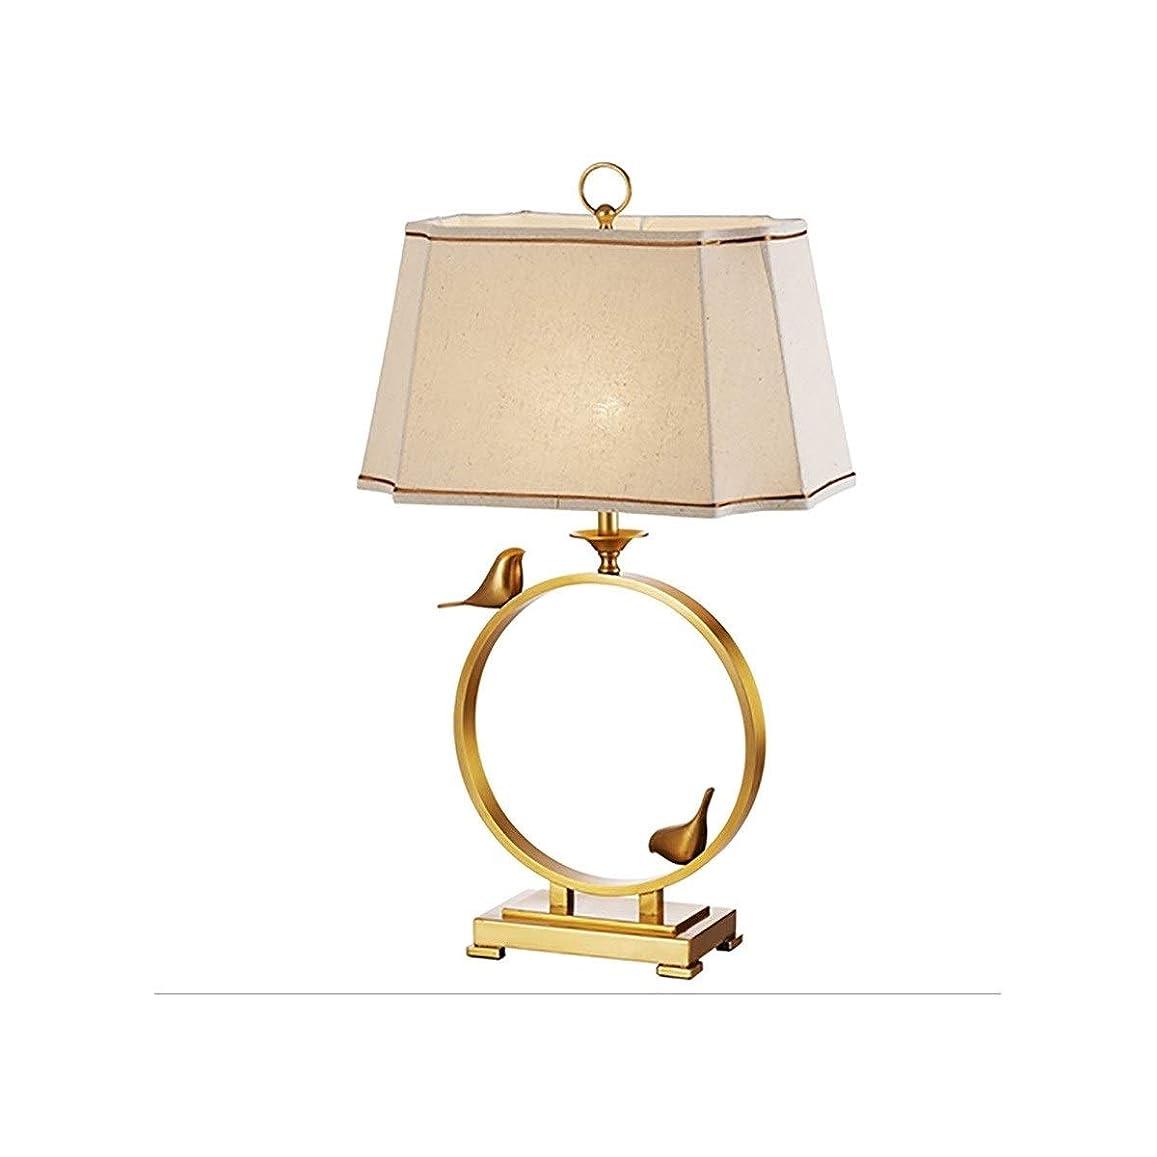 割り当て解放する改善するXWANG テーブルランプ - 金属純銅鳥のテーブルランプ (Color : Beige)